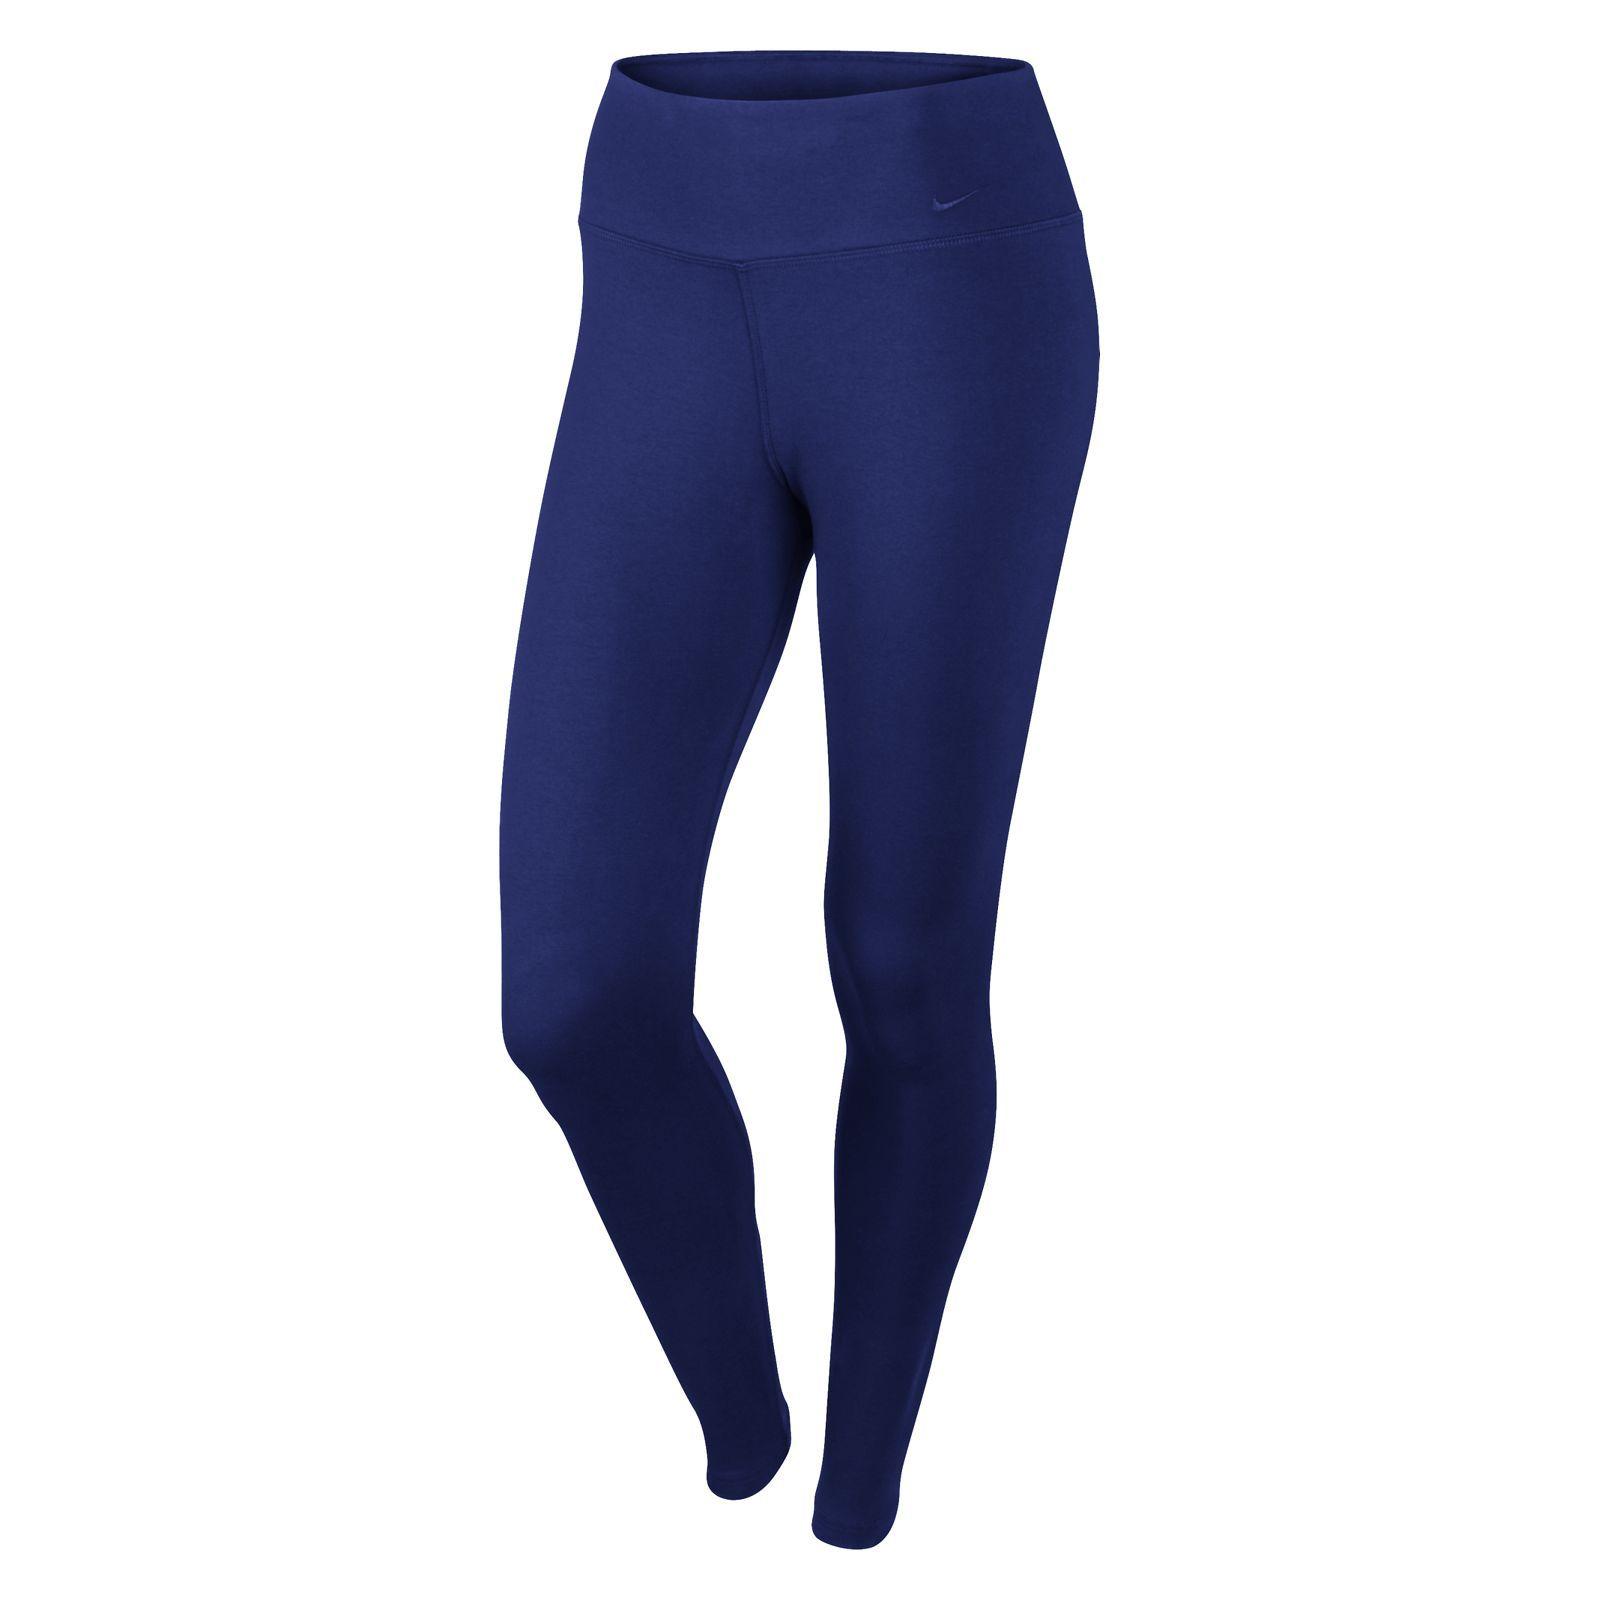 Spodnie Nike Legend 2.0 Tight Dri-FIT W 548511